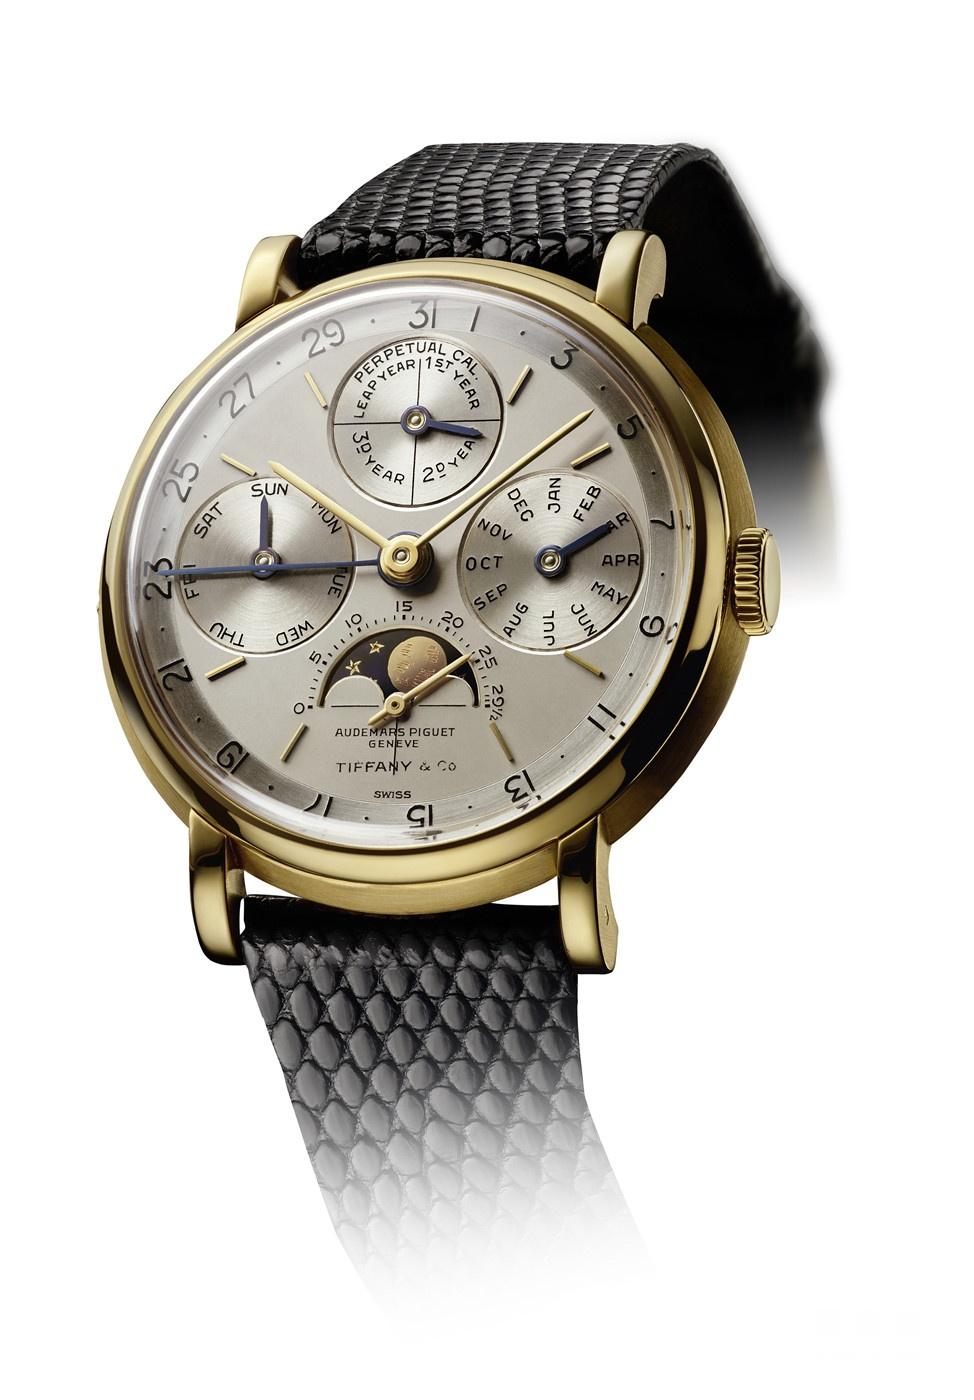 Ref. 5516,钟表史上首款批量生产的万年历腕表,创新闰年显示位于12点位置副表盘